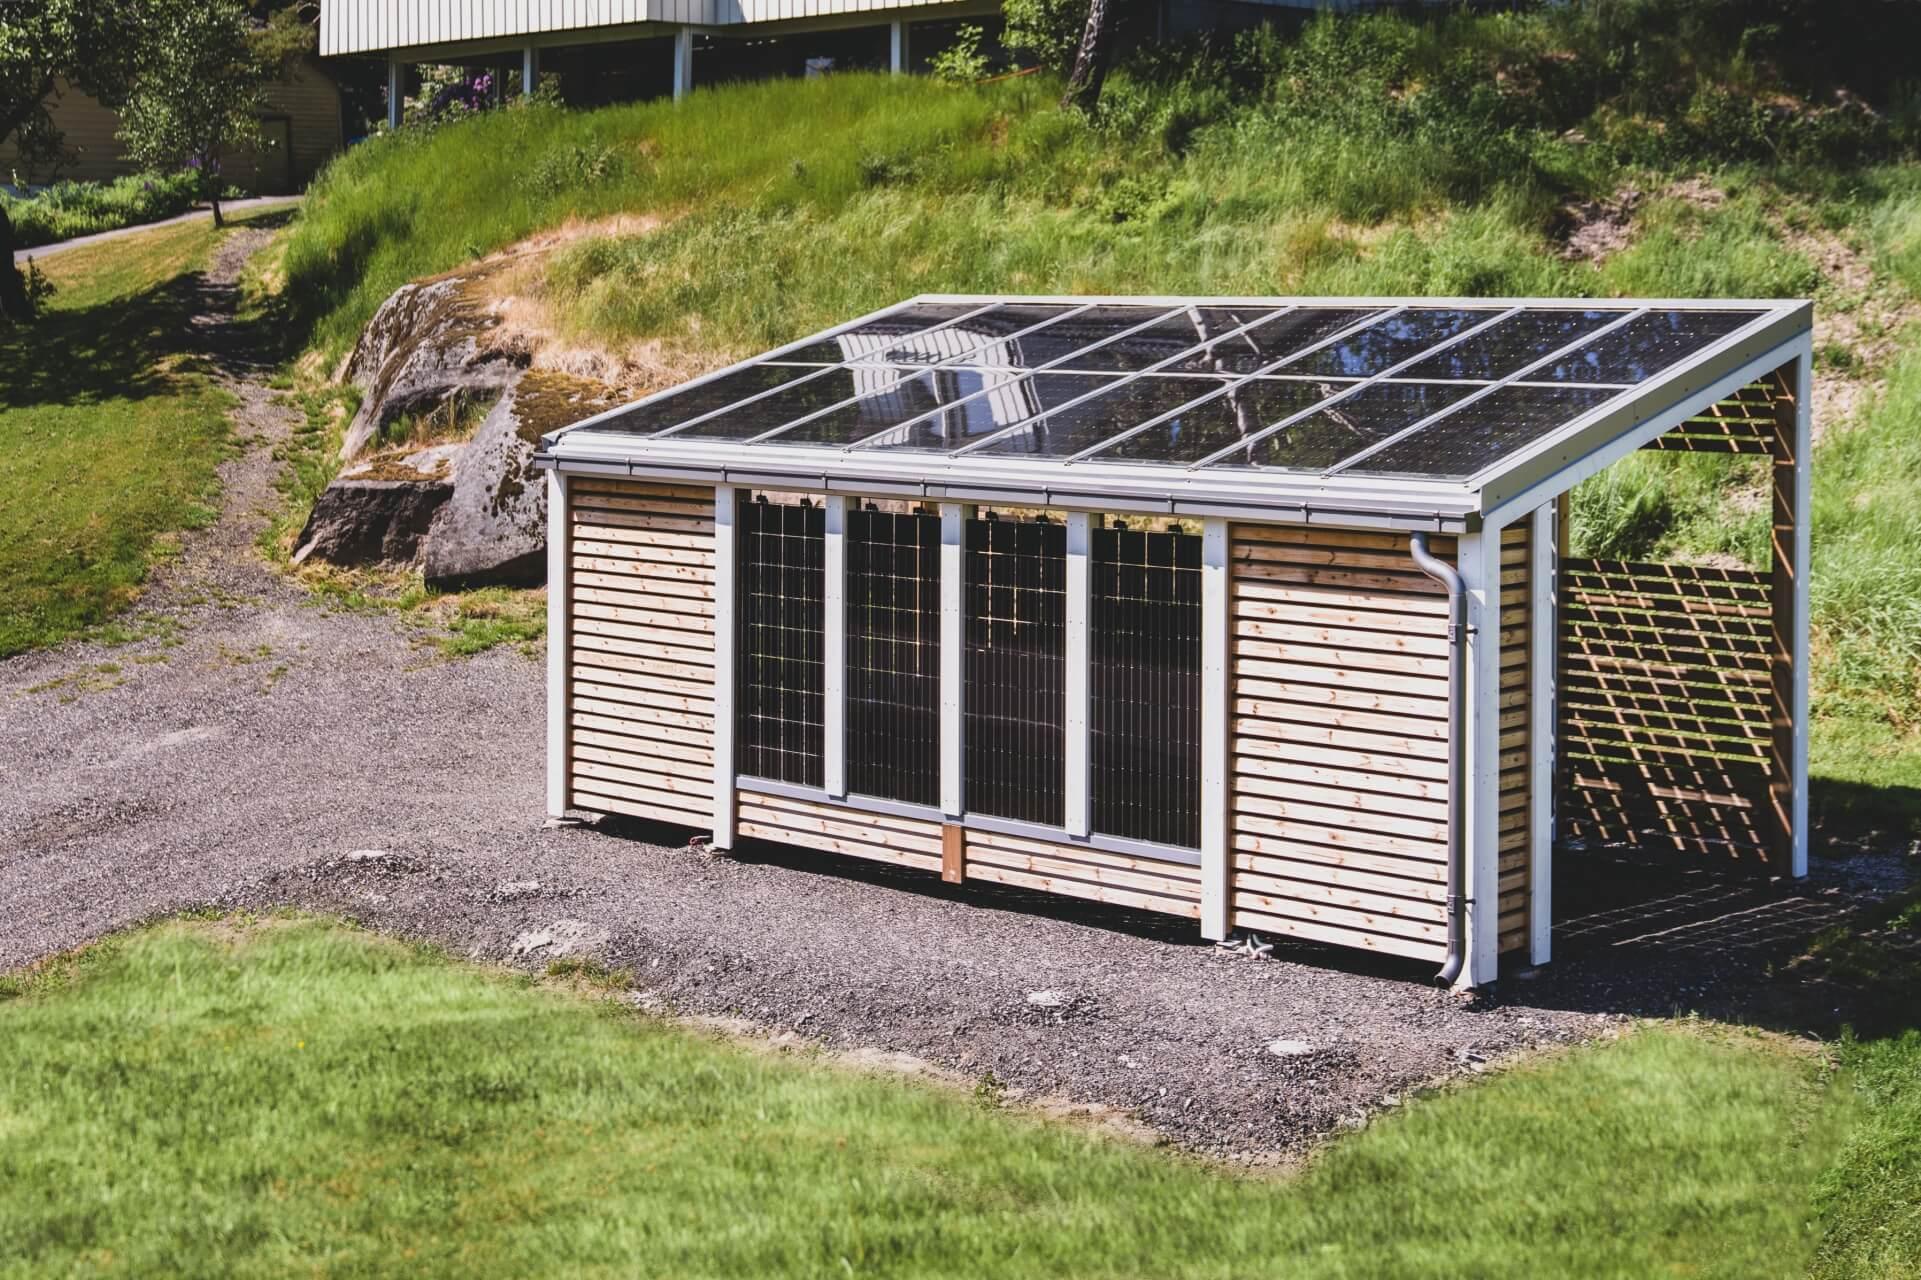 Miljøvennlig ladestasjon for elbil og ladbar hybrid